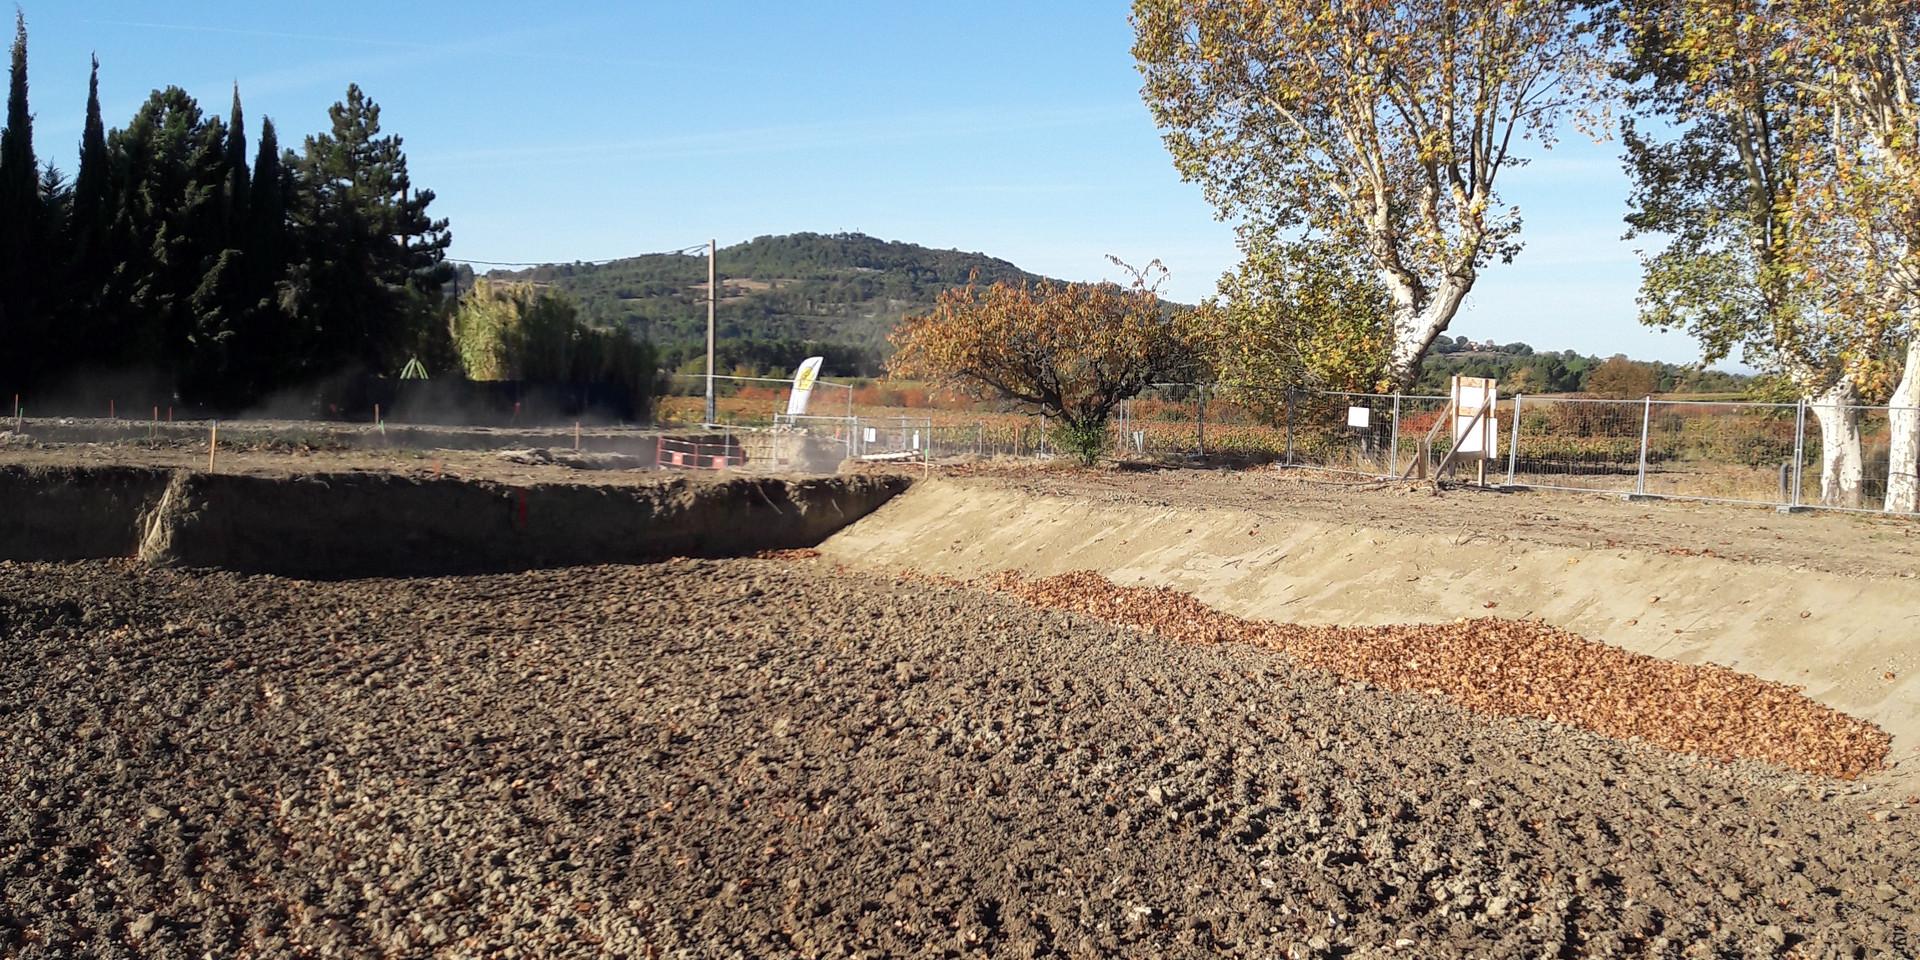 25/10/2017 - le bassin pluvial est creusé à l'entrée du parc d'activités